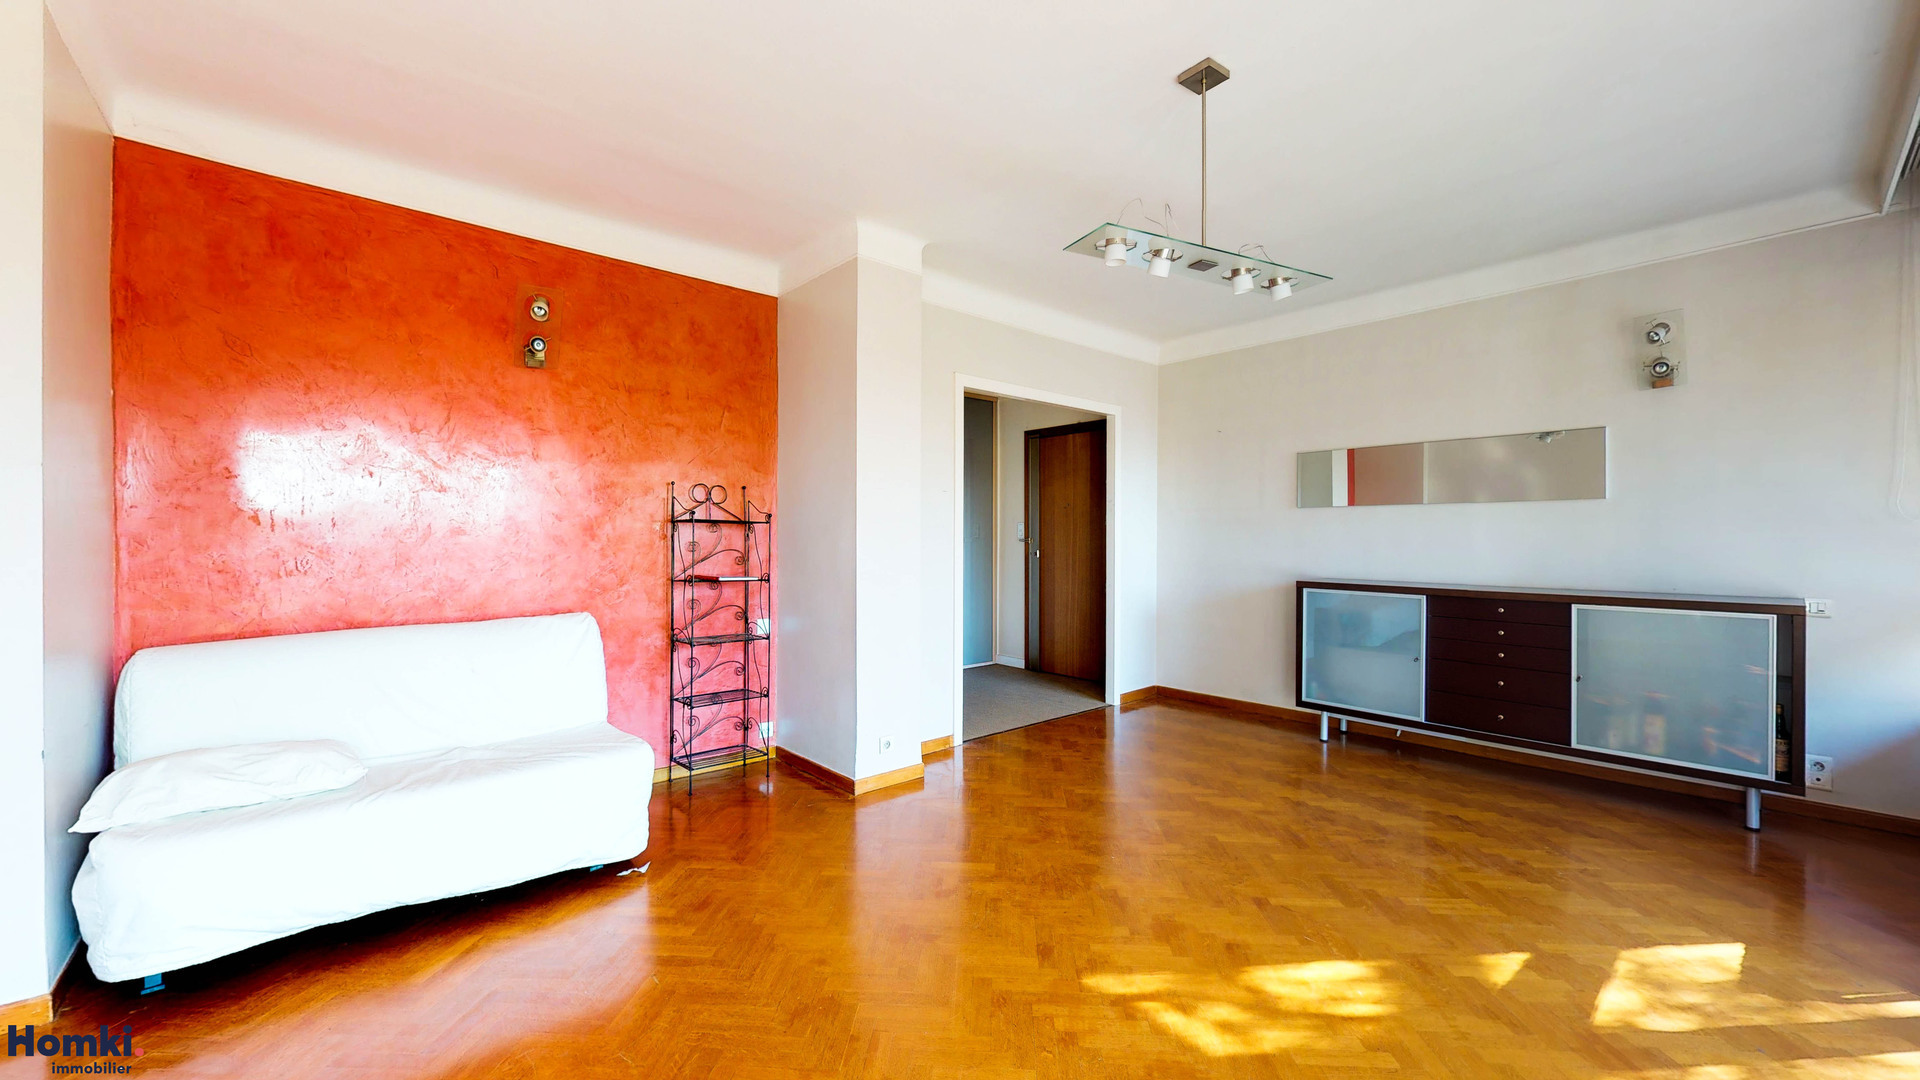 Vente Appartement 97 m² T4 13012_2